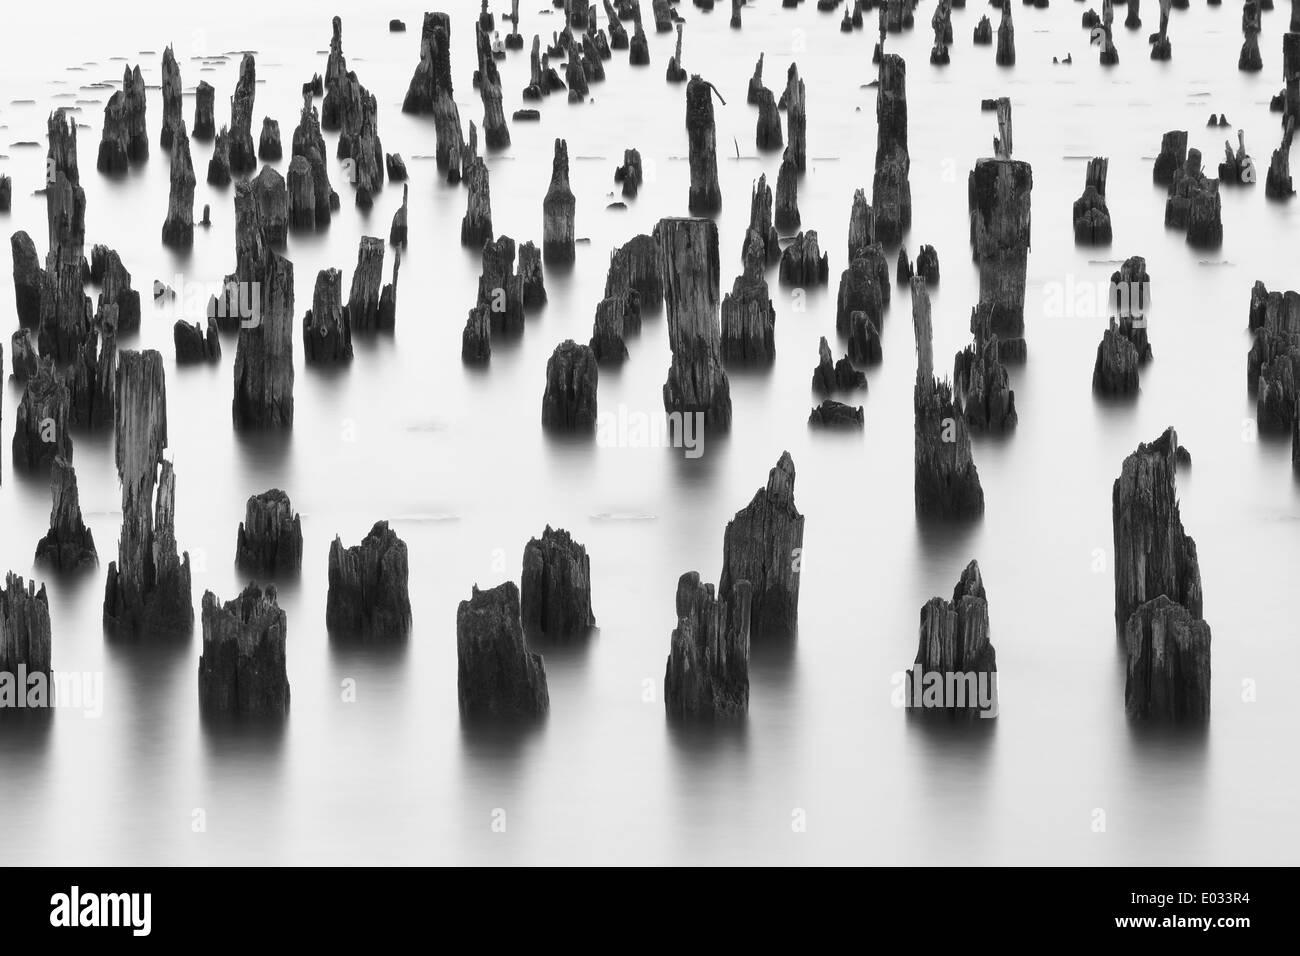 Vieux poteaux de bois dans l'eau, longue exposition Photo Stock